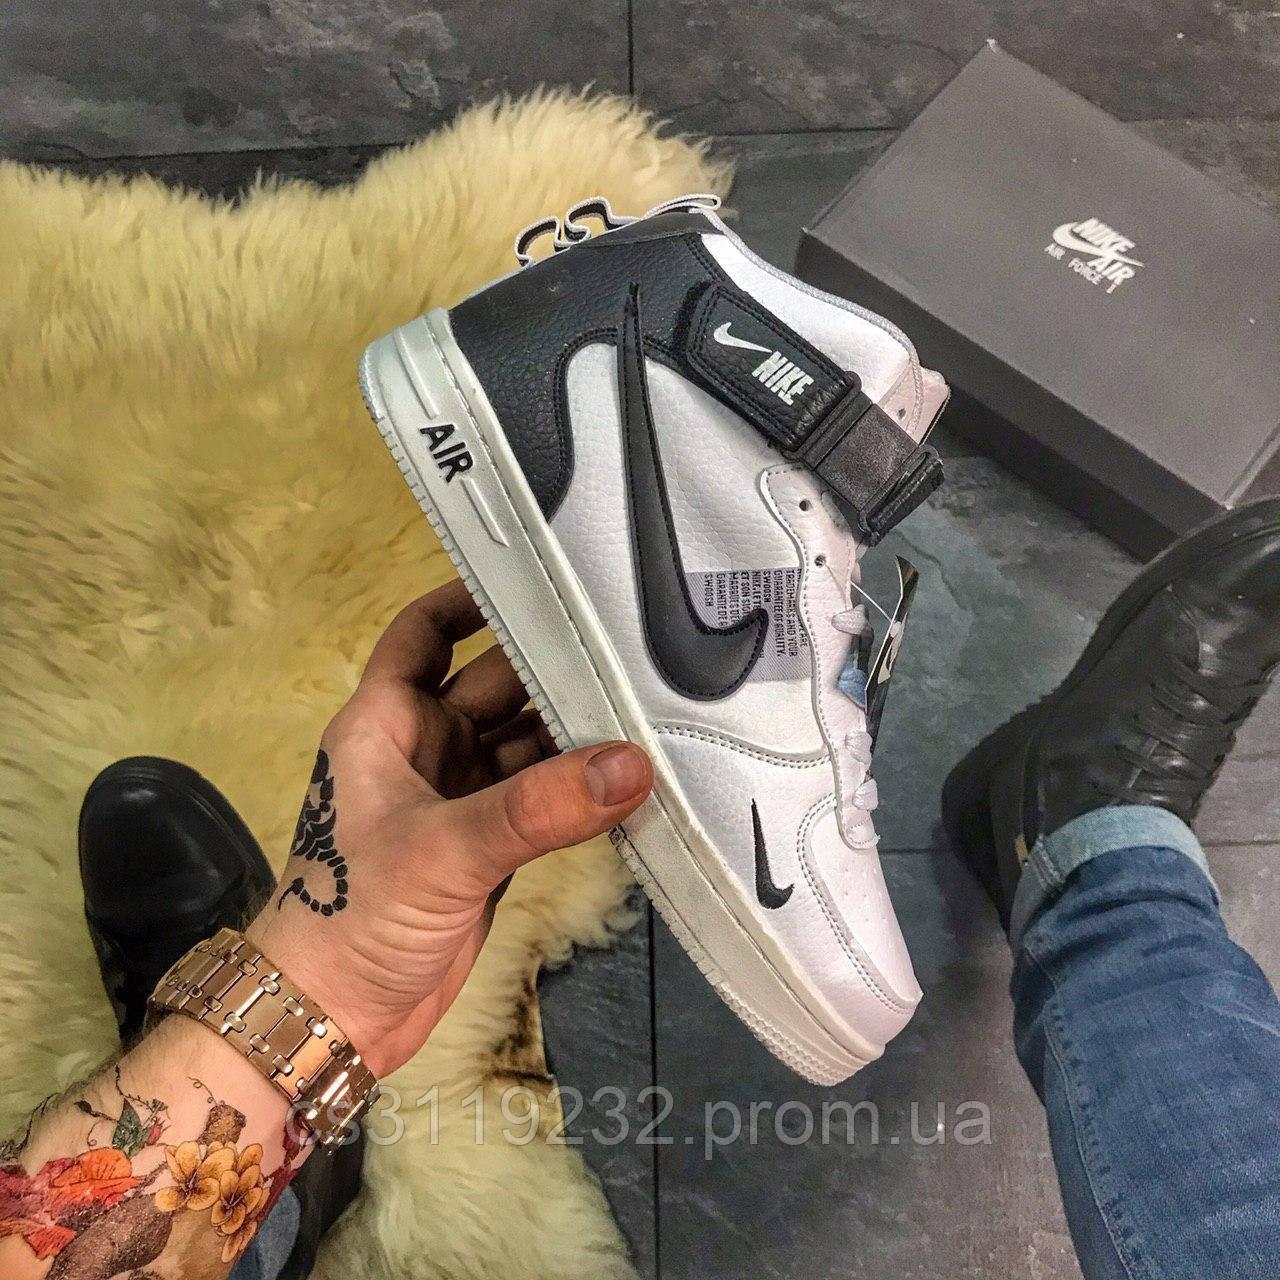 Чоловічі зимові кросівки Nike Air Force High (хутро) (білі)